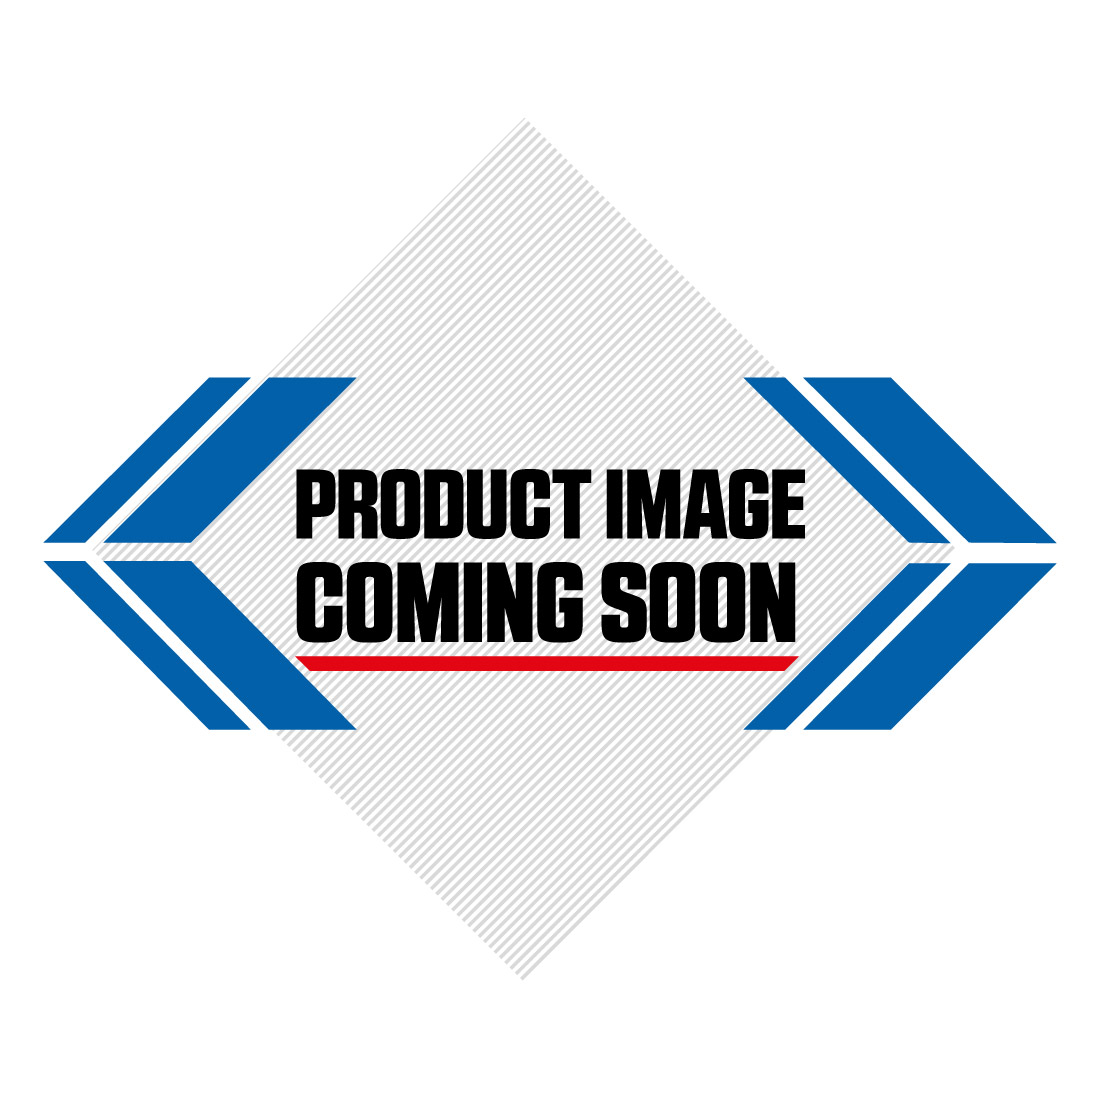 Husqvarna Plastic Kit OEM Factory (2013) Image-5>